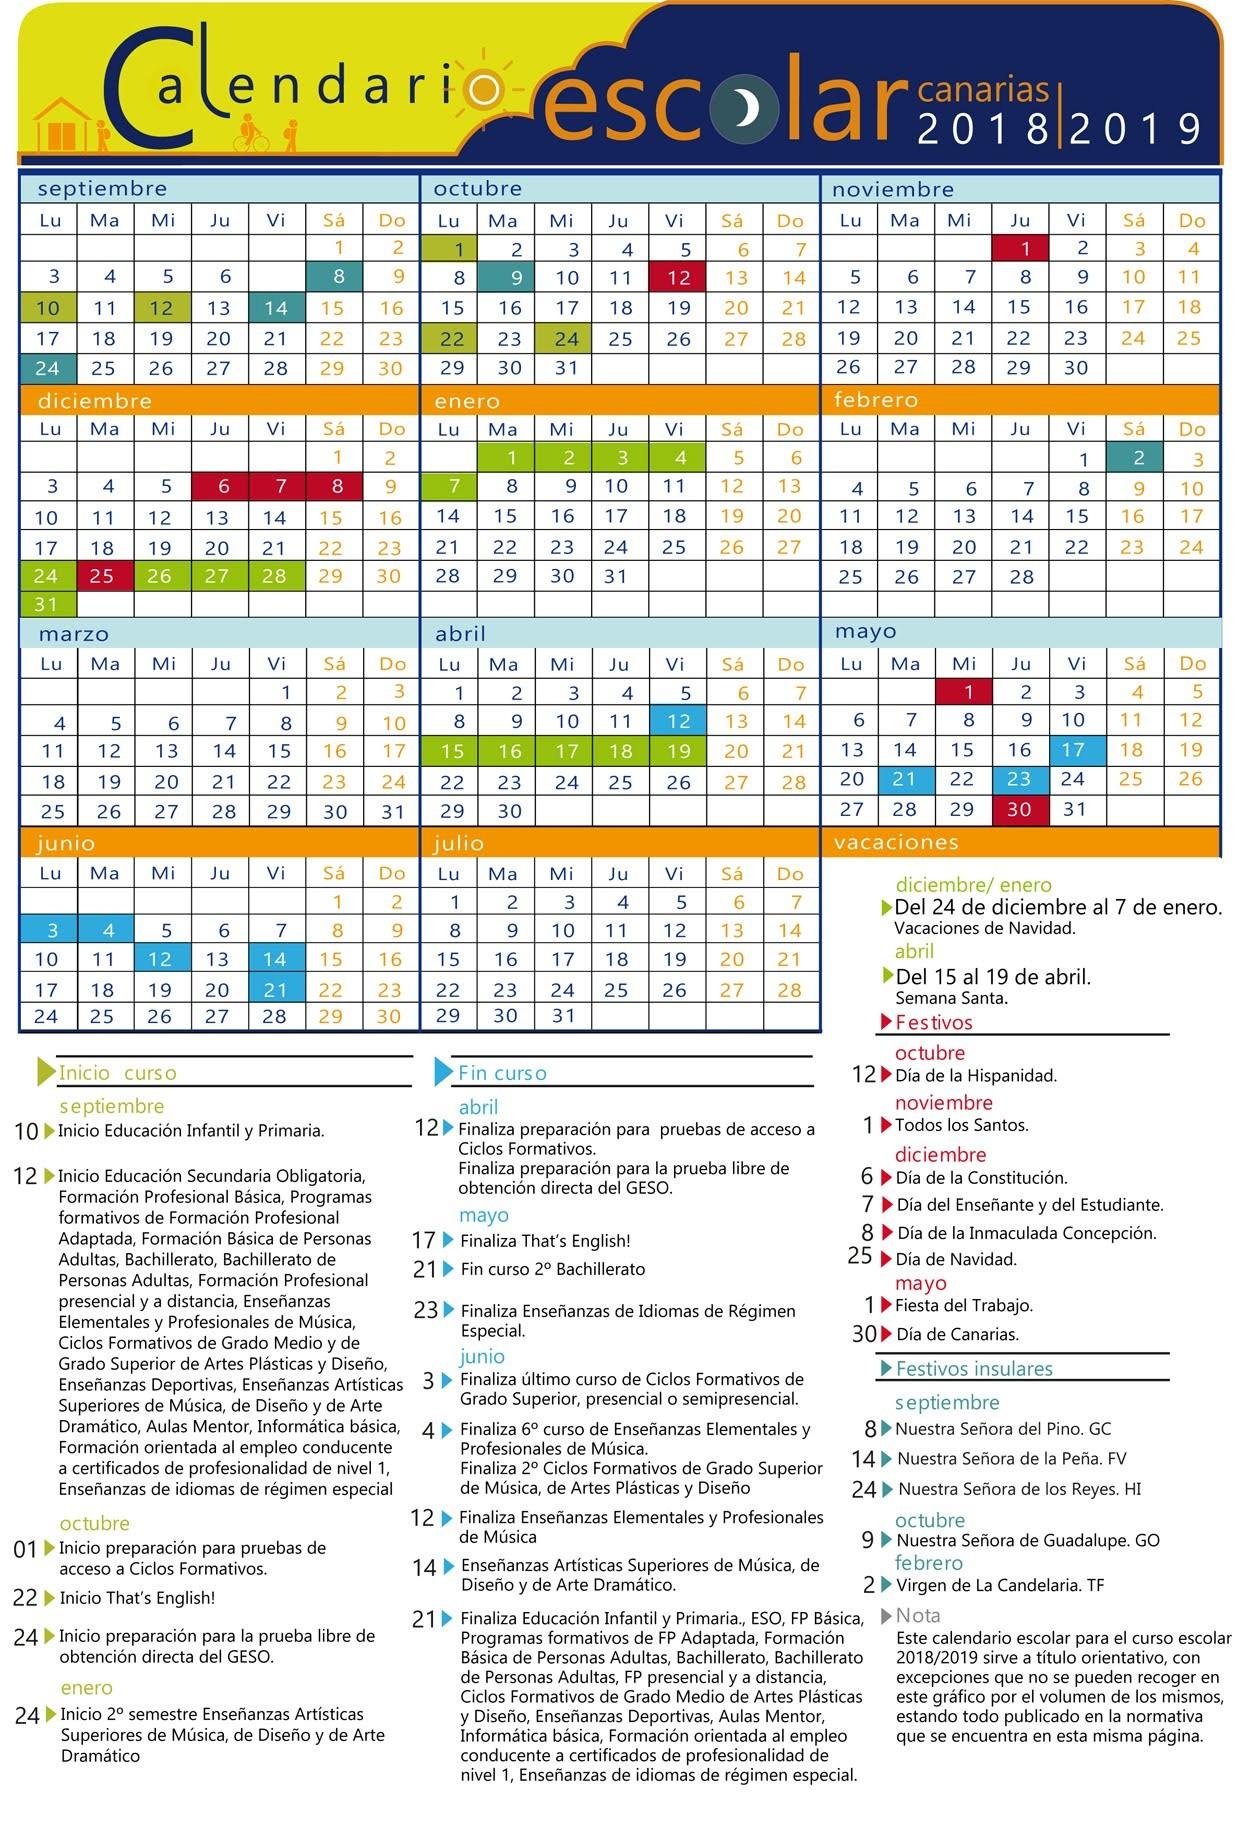 Calendario Académico 2018 2019 consmucan